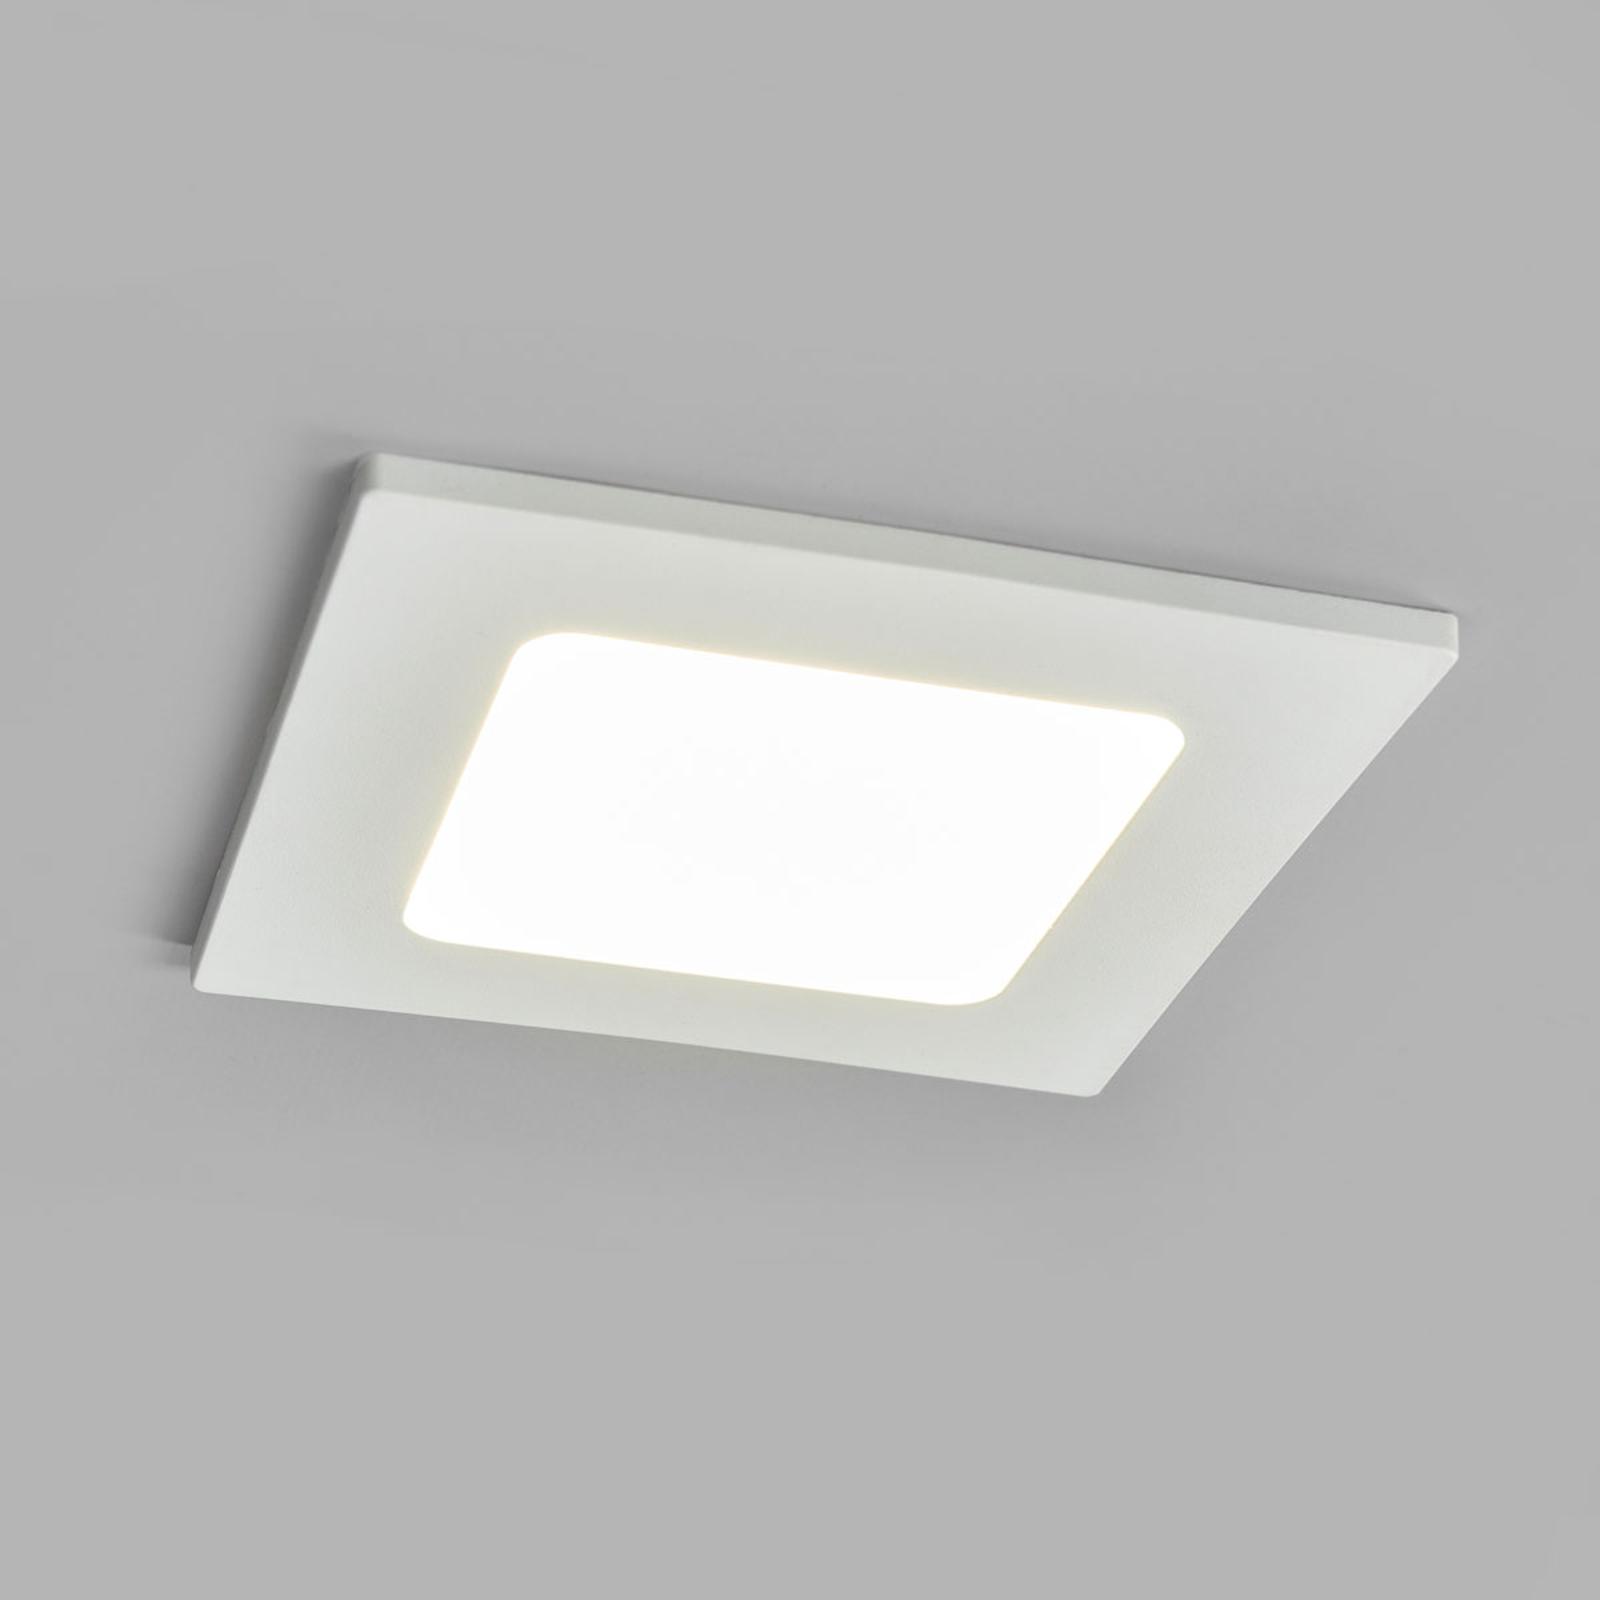 Spot LED Joki biały 4000K kątowy 11,5cm